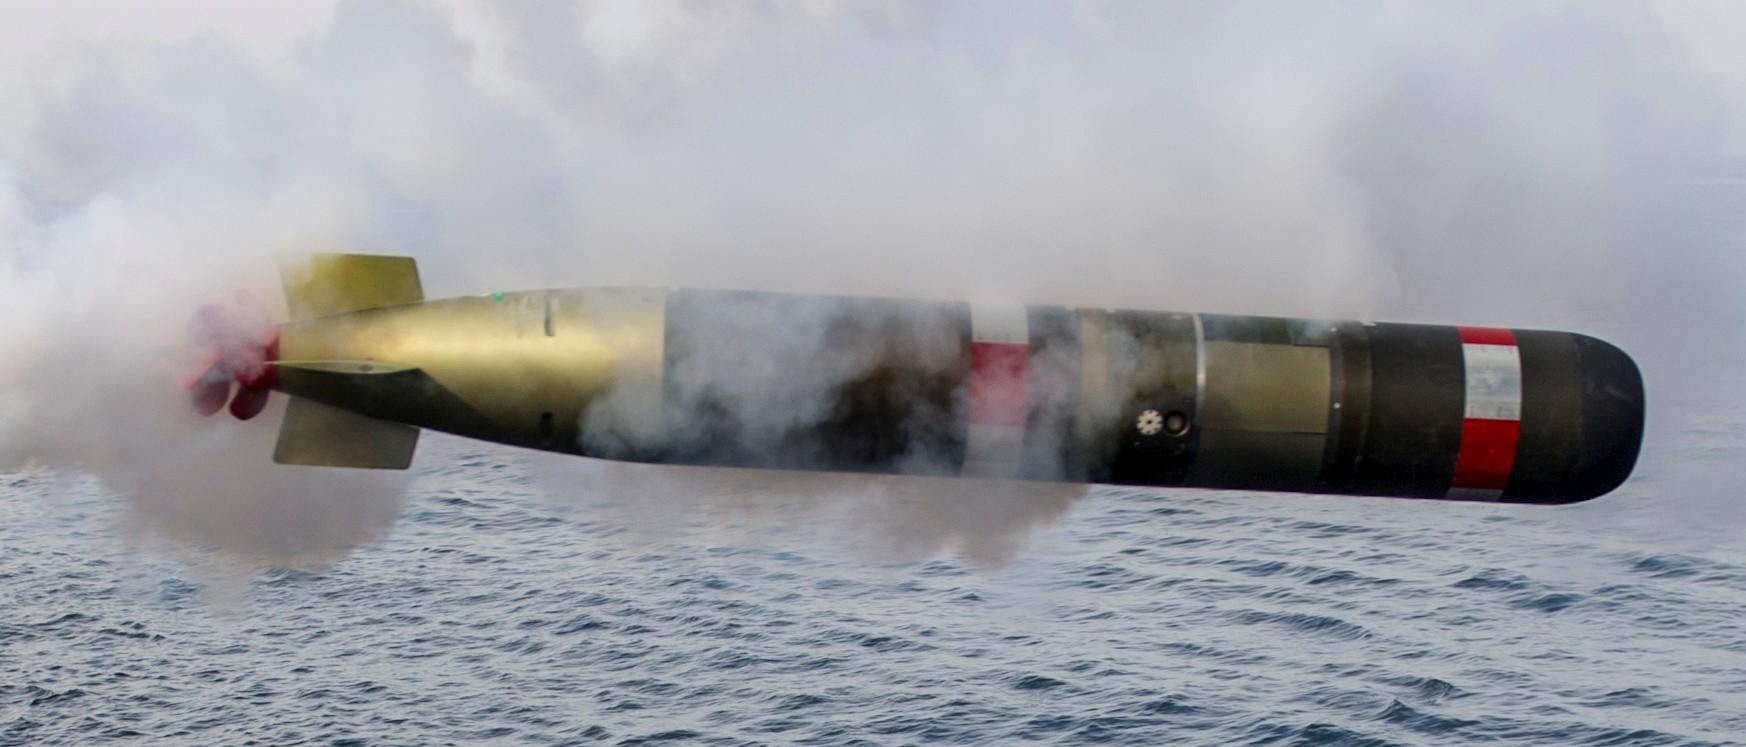 Torpedo antissubmarino MK.54